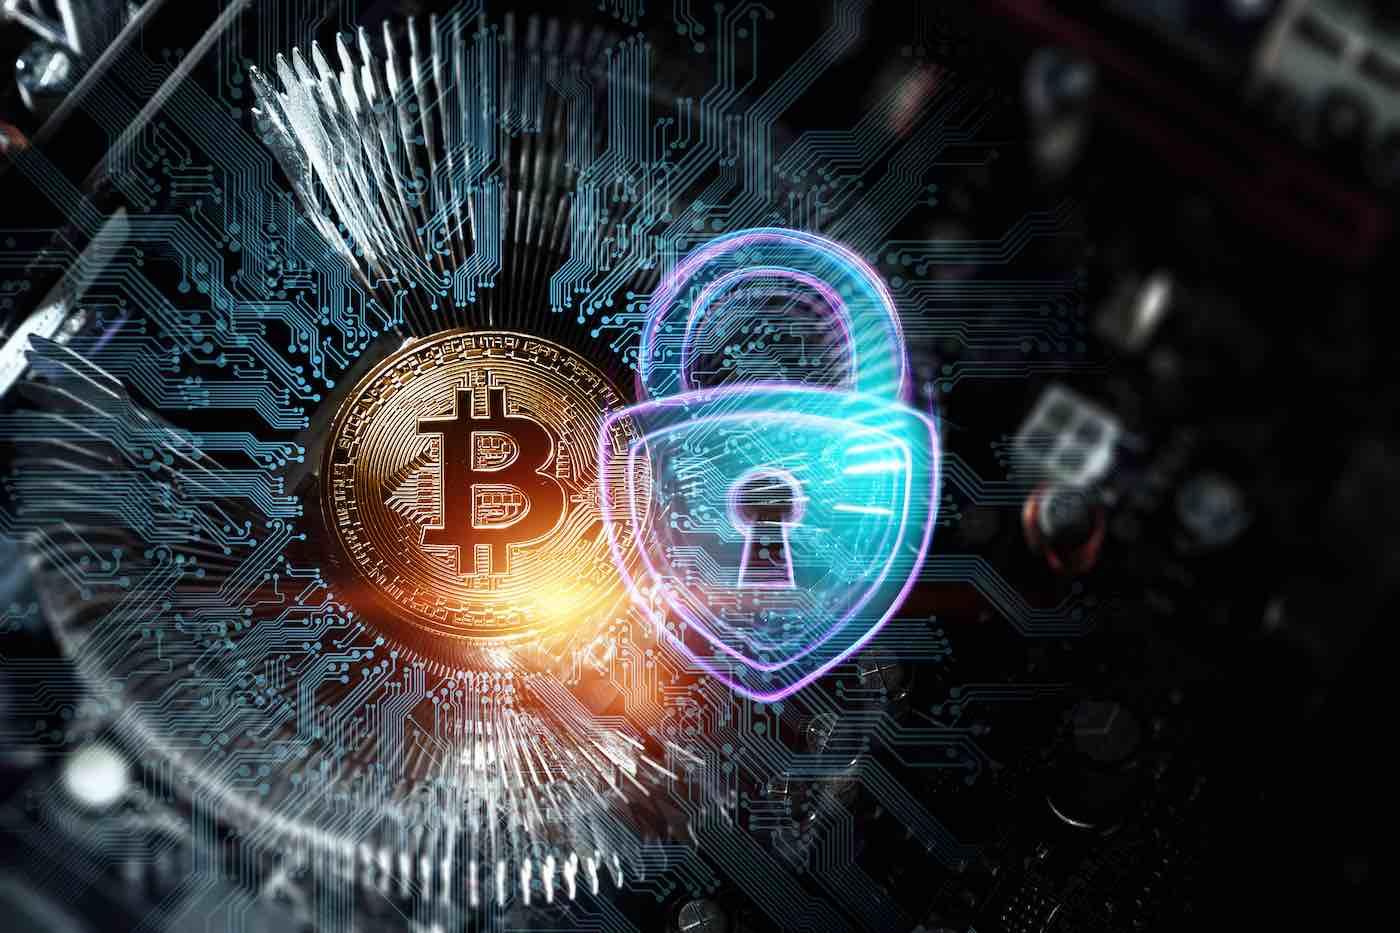 La policía alemana incauta 60 millones de dólares en bitcoins... Pero, ¿dónde está la contraseña?